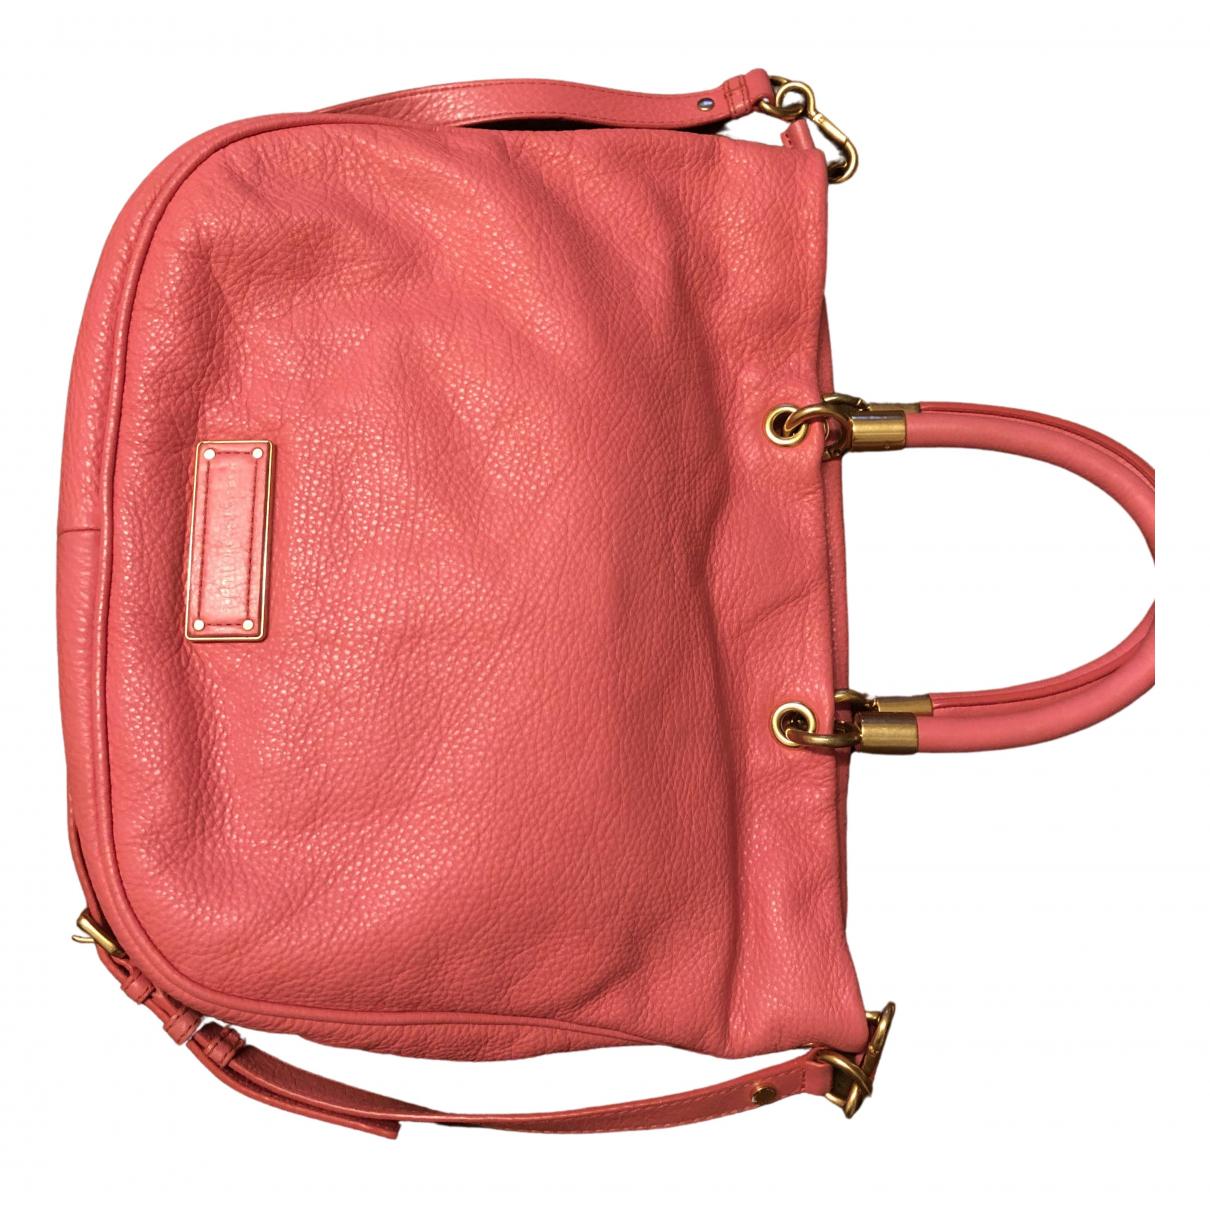 Marc Jacobs - Sac a main   pour femme en cuir - rose